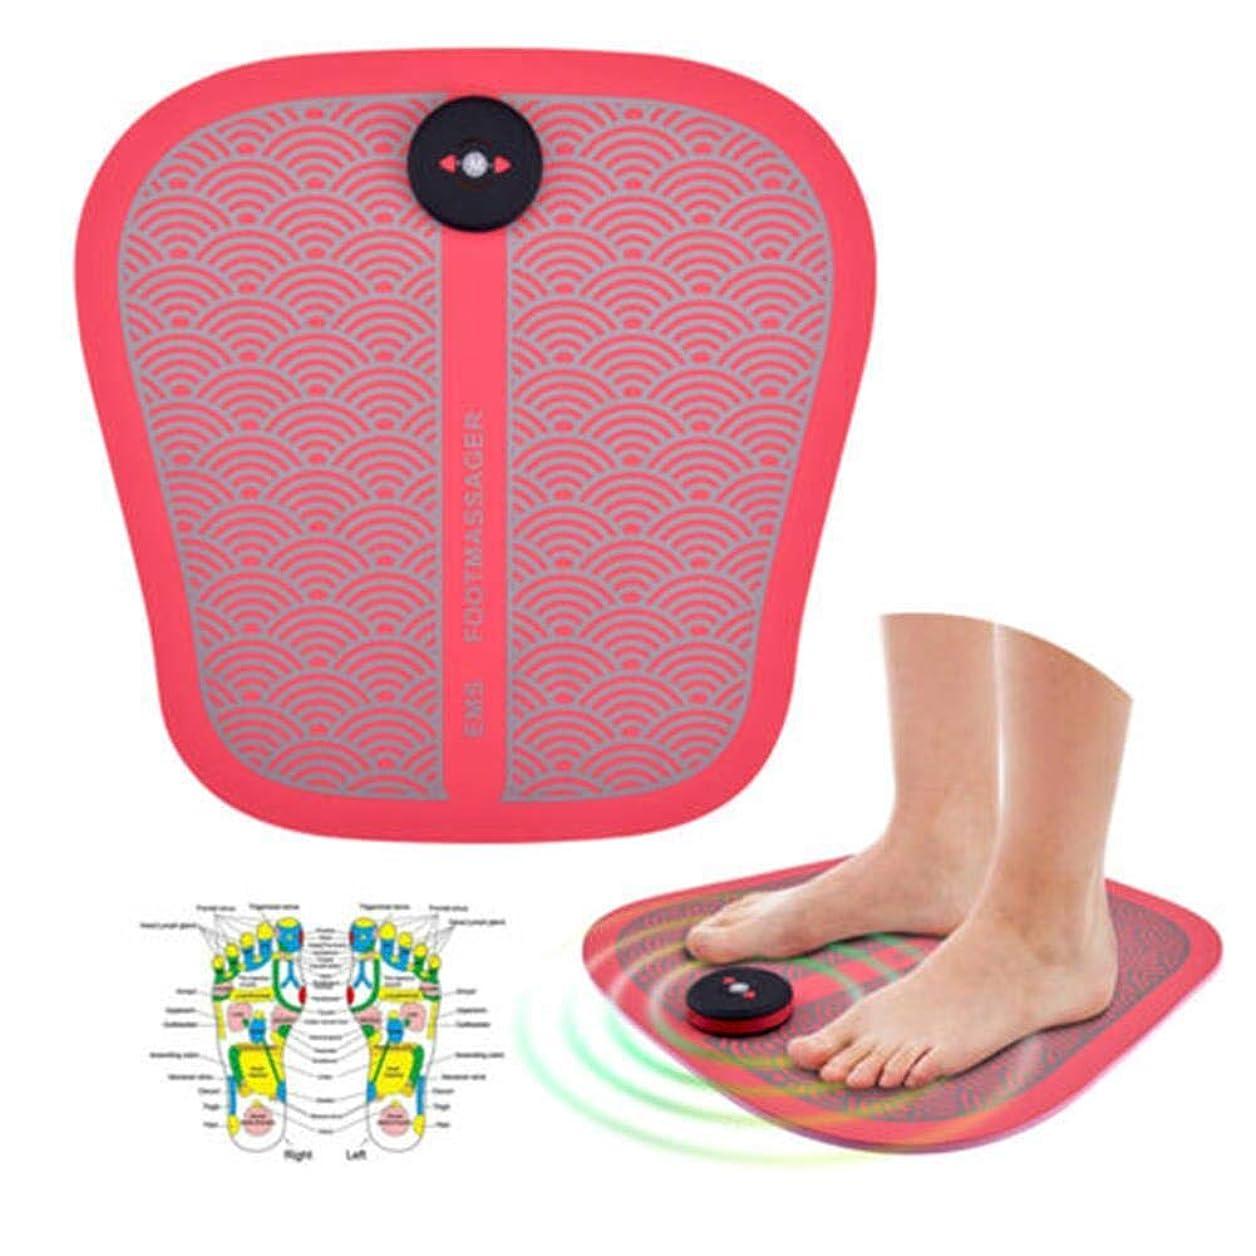 苦味かけがえのない触手Cckrmフットマッサージディープティッシュニーディング、リモートコントロールフィートマッサージャー、切り替え可能な熱、指圧フットマッサージマシンは、ホームオフィスの足の痛みを和らげます